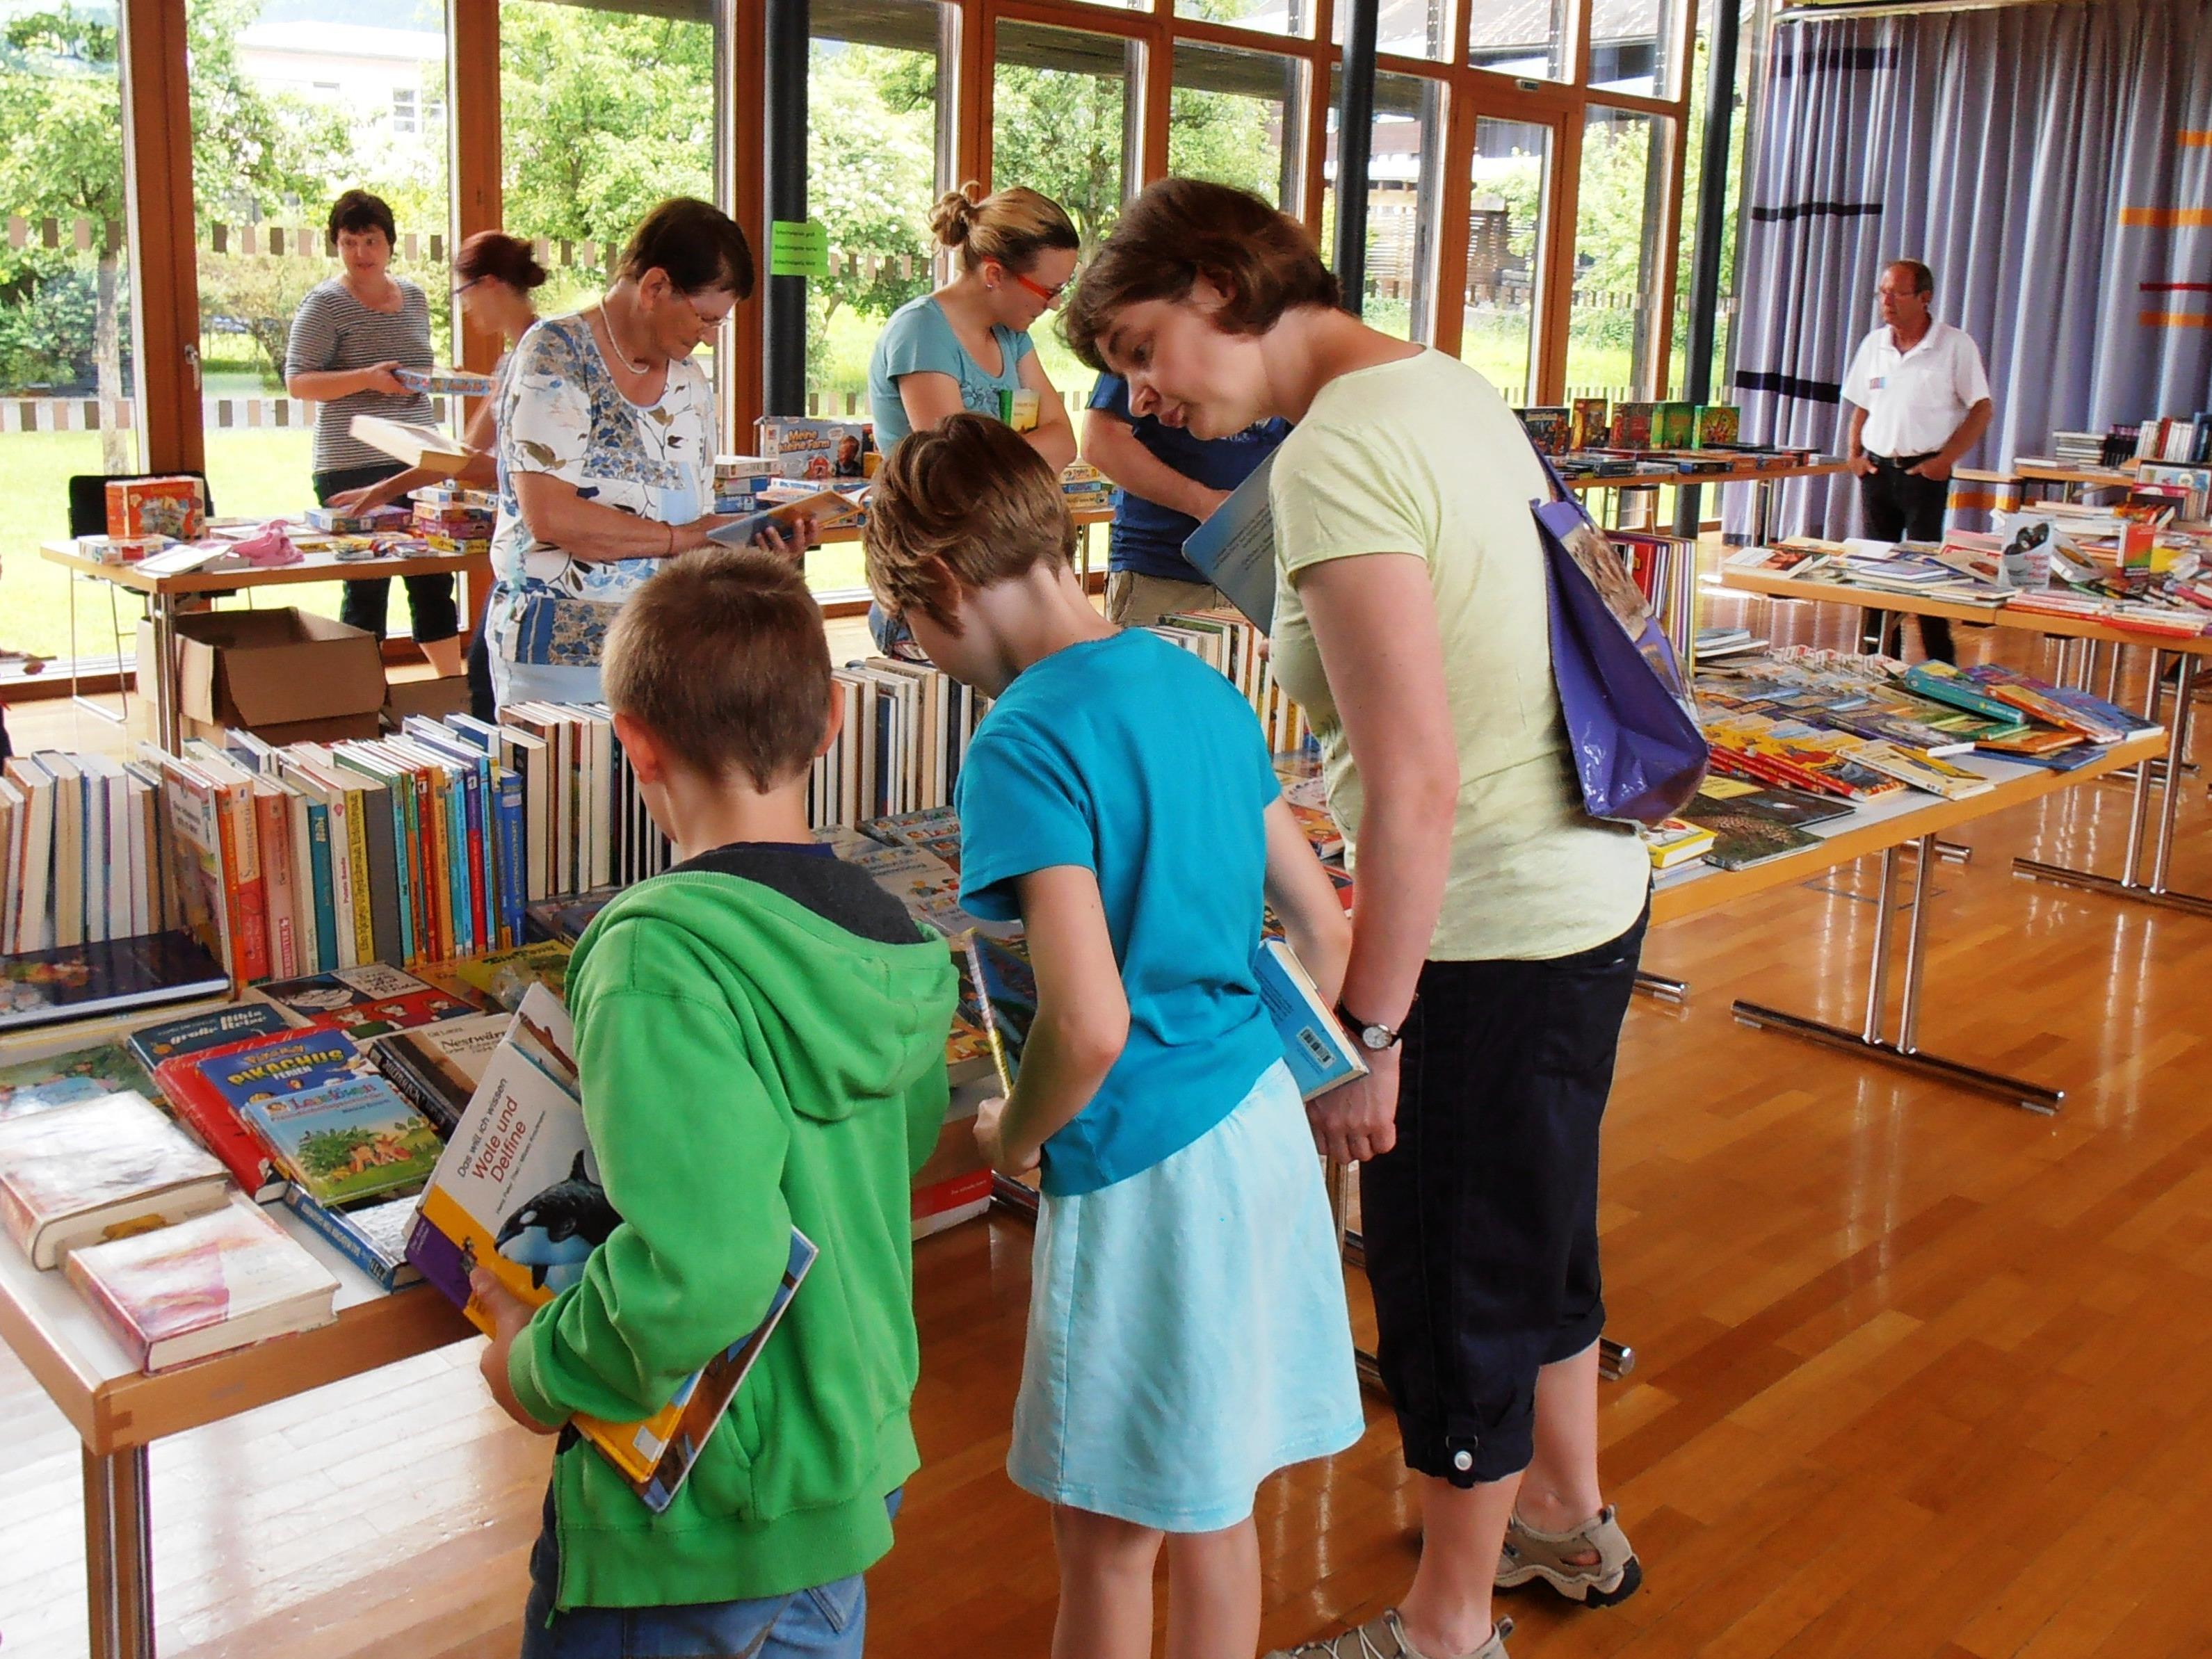 Flohmarkt für Bücher, Schachtelspiele, Puzzles und vieles mehr am 10. Juni in Nenzing.